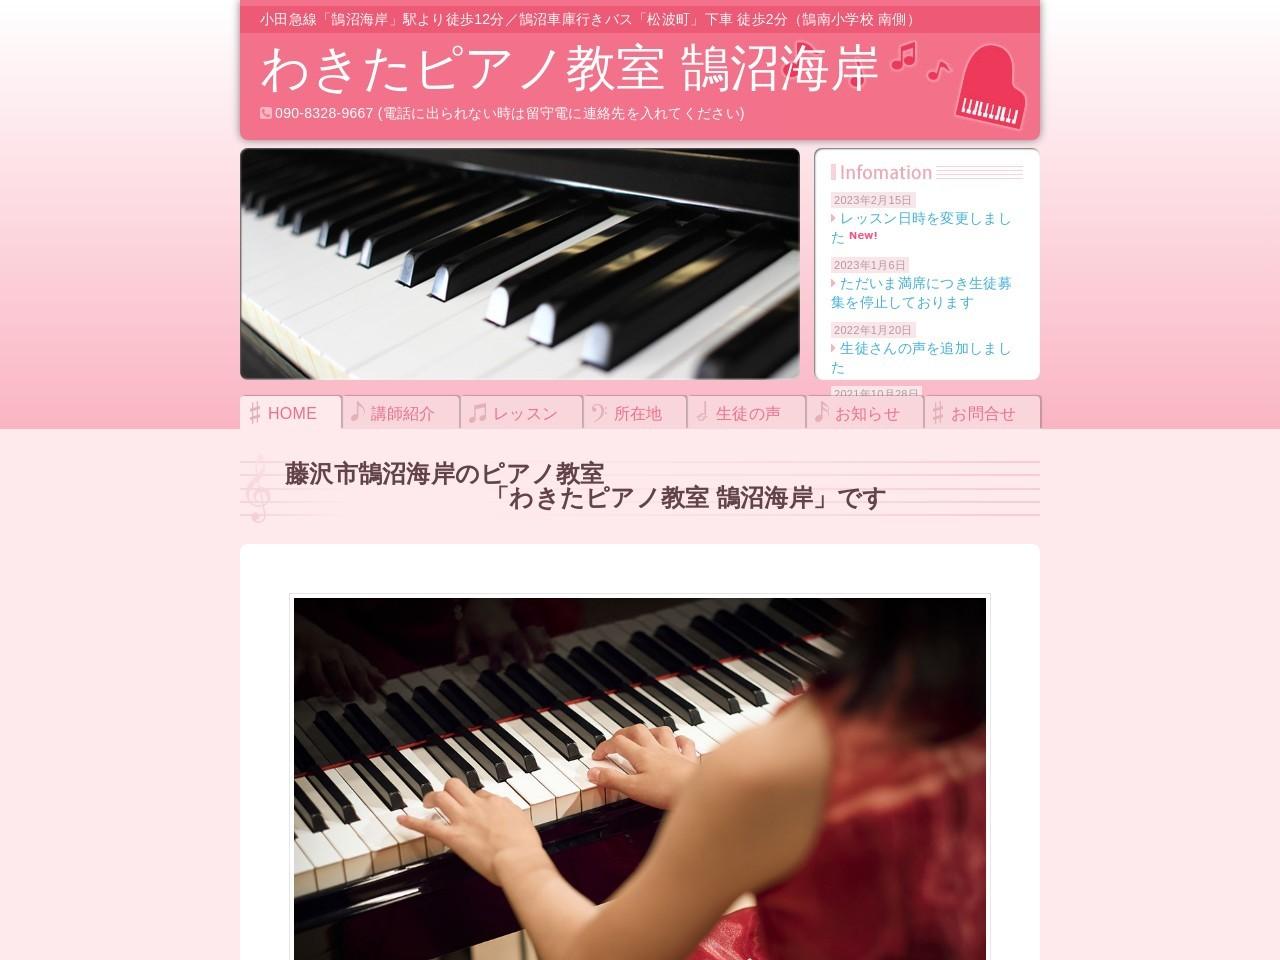 わきたピアノ教室 鵠沼海岸のサムネイル